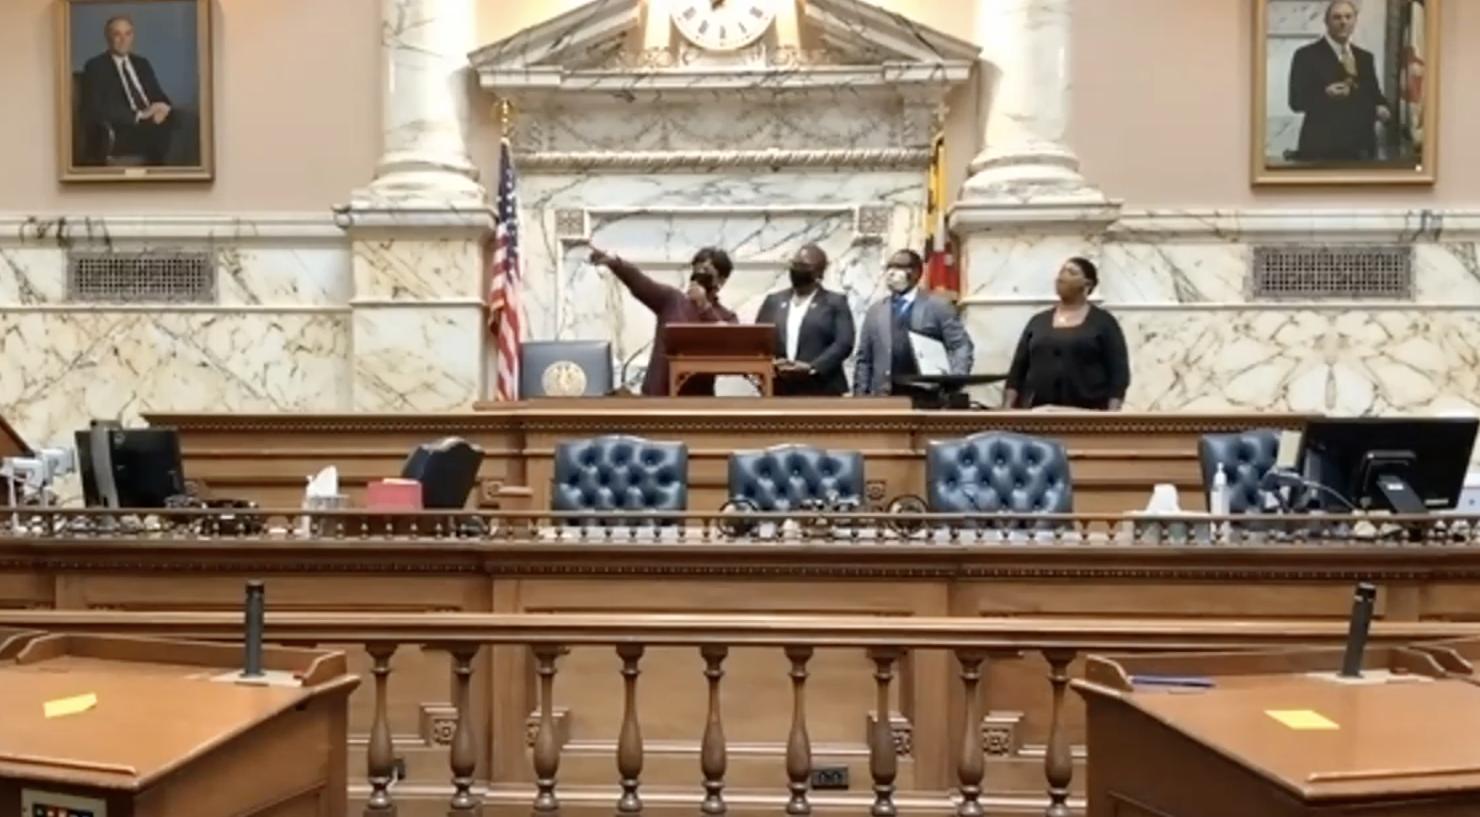 Speaker Jones swears in Del. Thiam 10-6